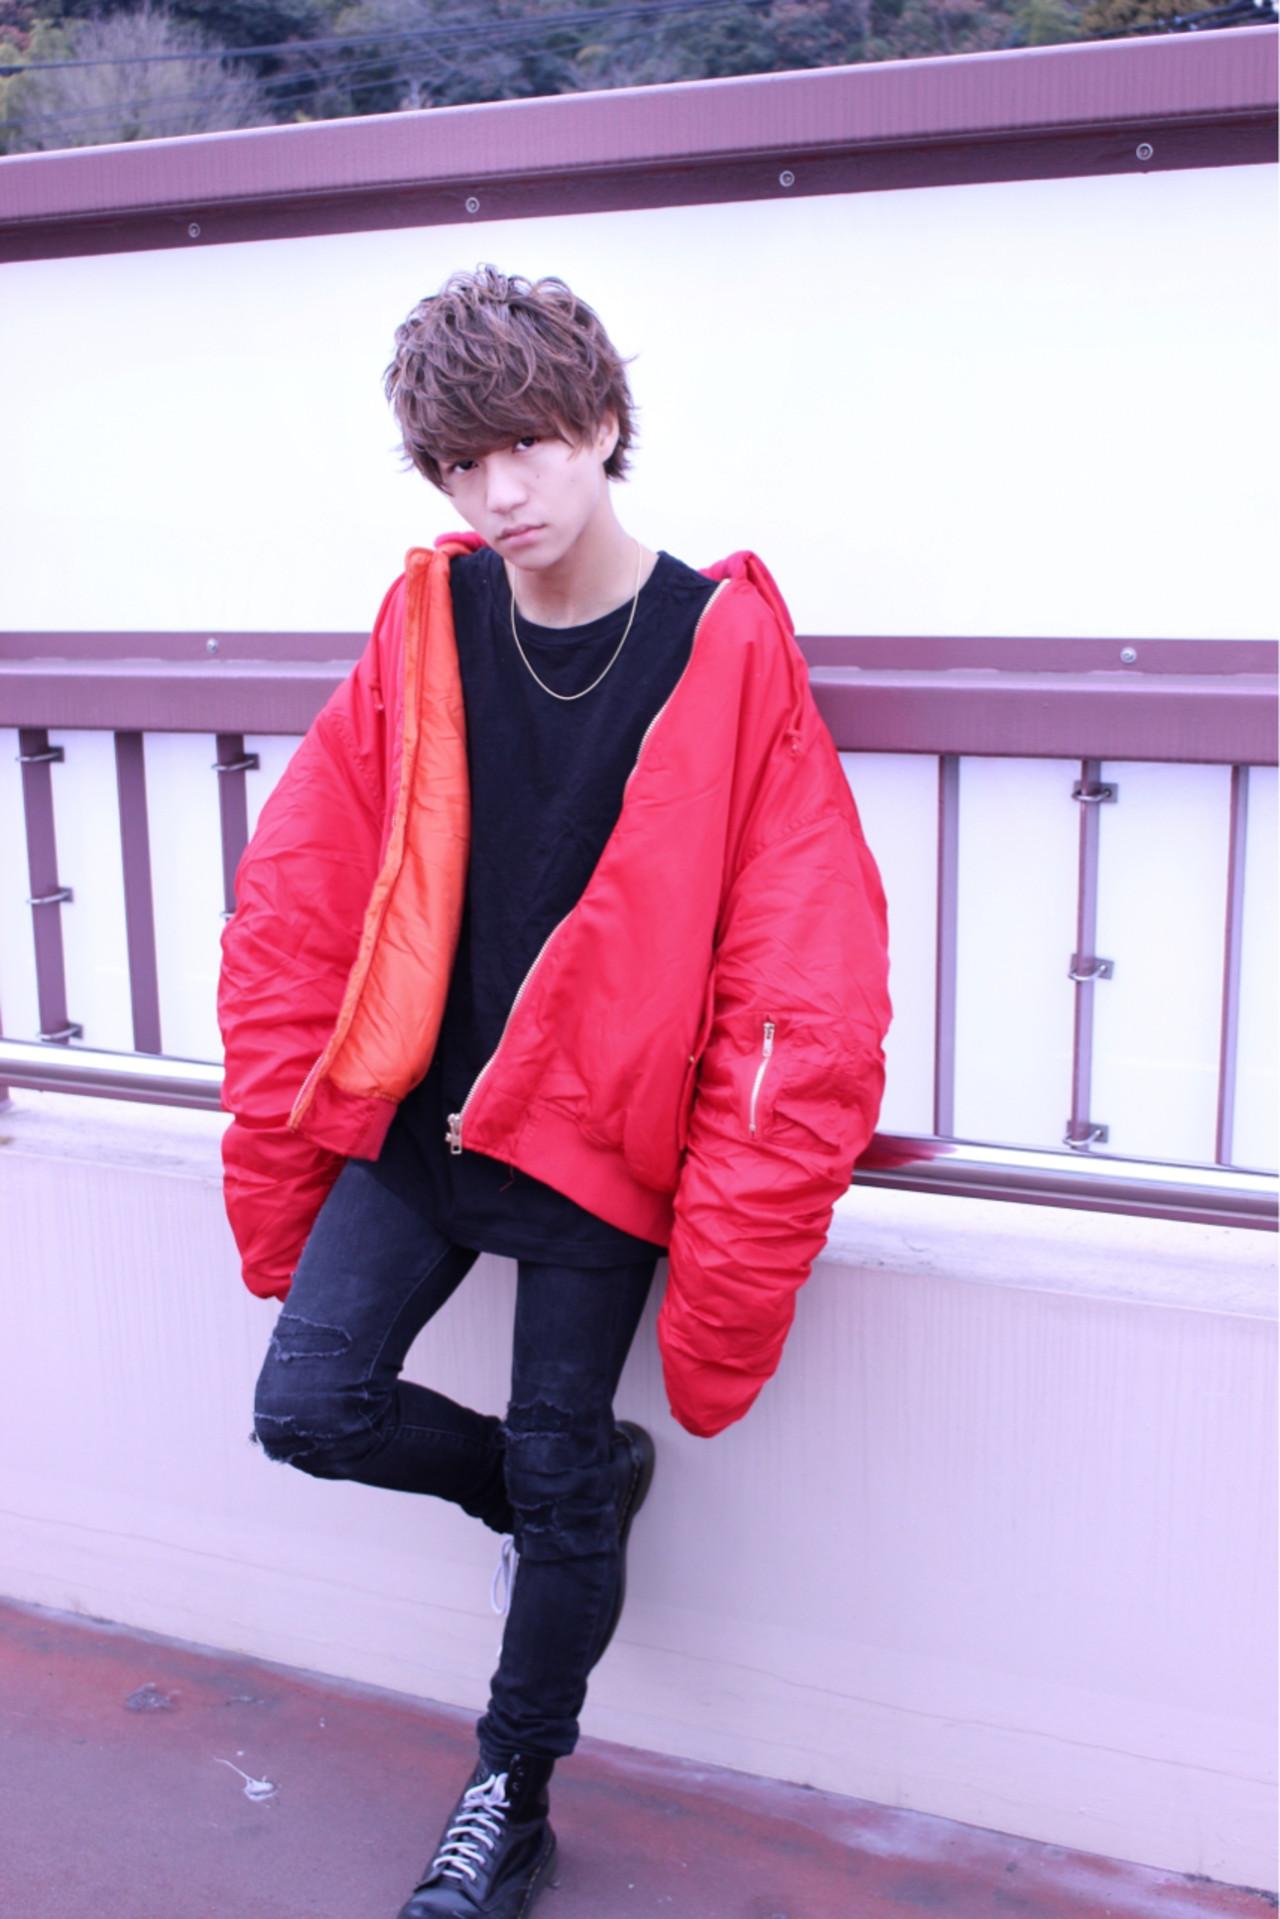 赤のジャケットを差し色にした服装